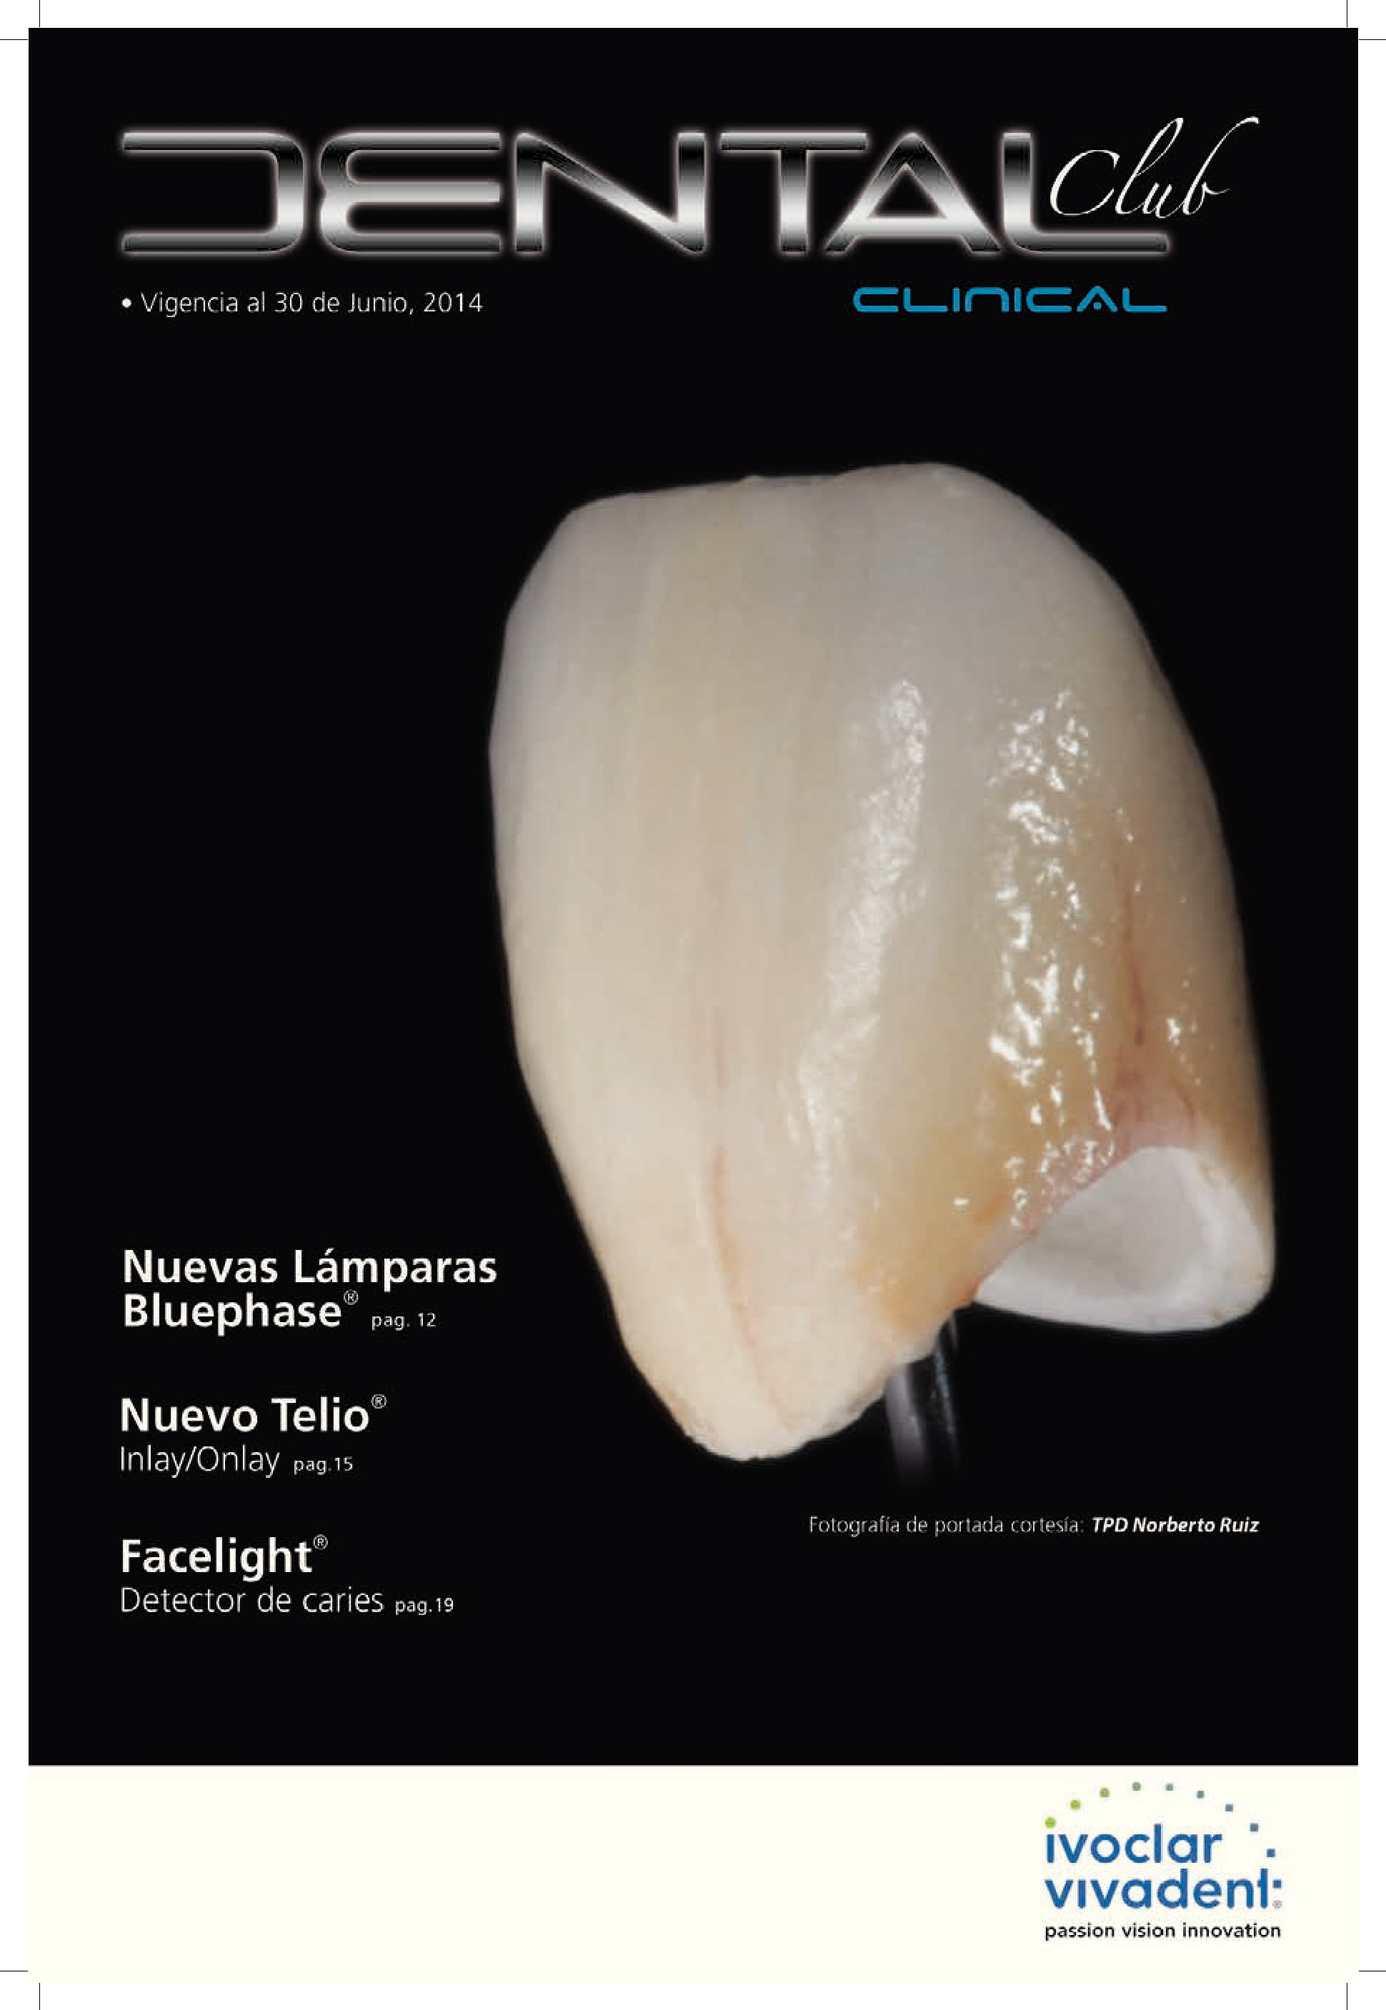 Dental Club Clinica 2014-01